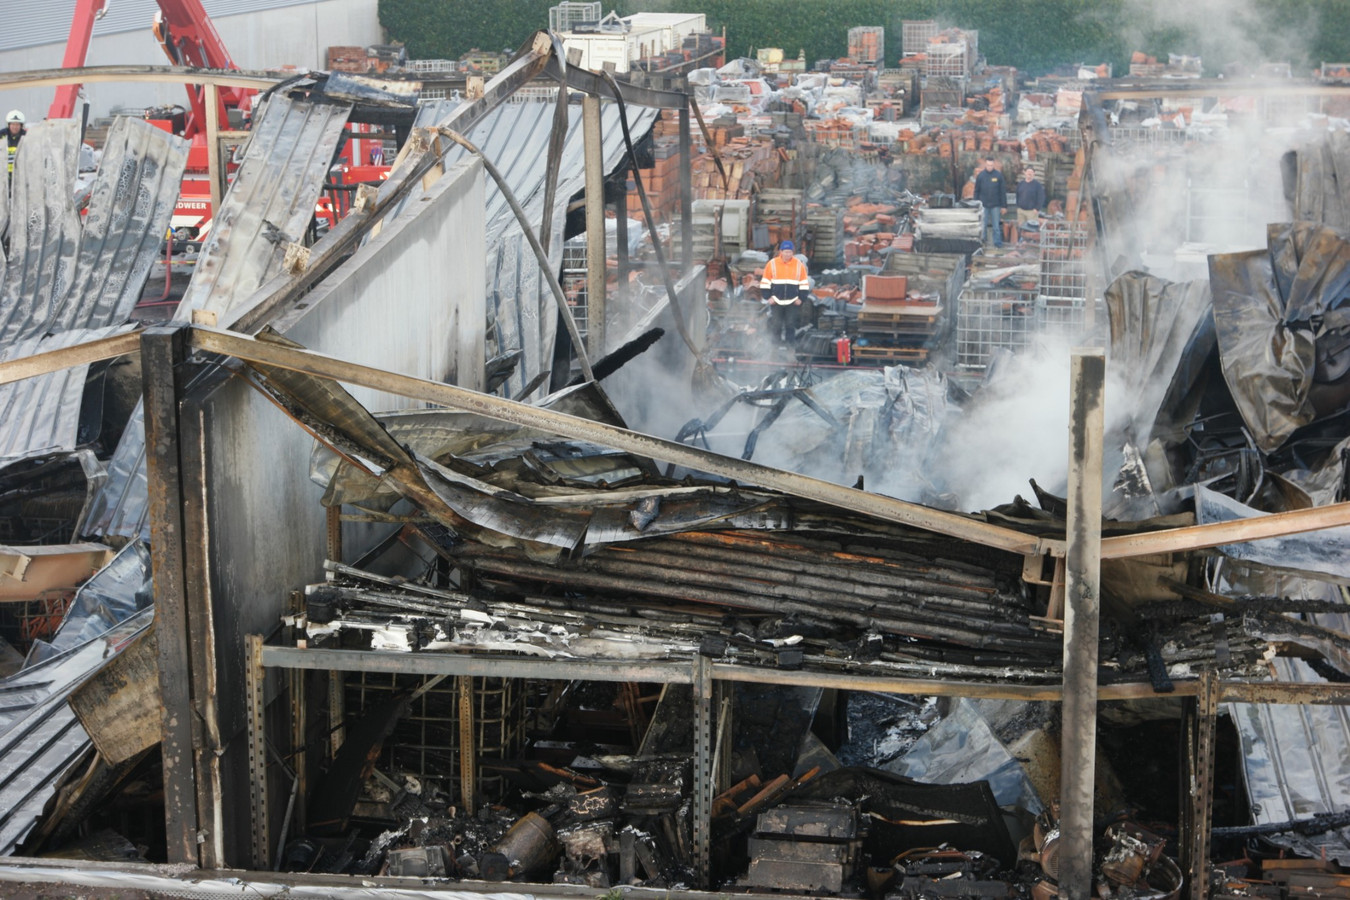 De ravage, een dag na de zeer grote brand bij dakpannenhandel Bogers in Sprang-Capelle.